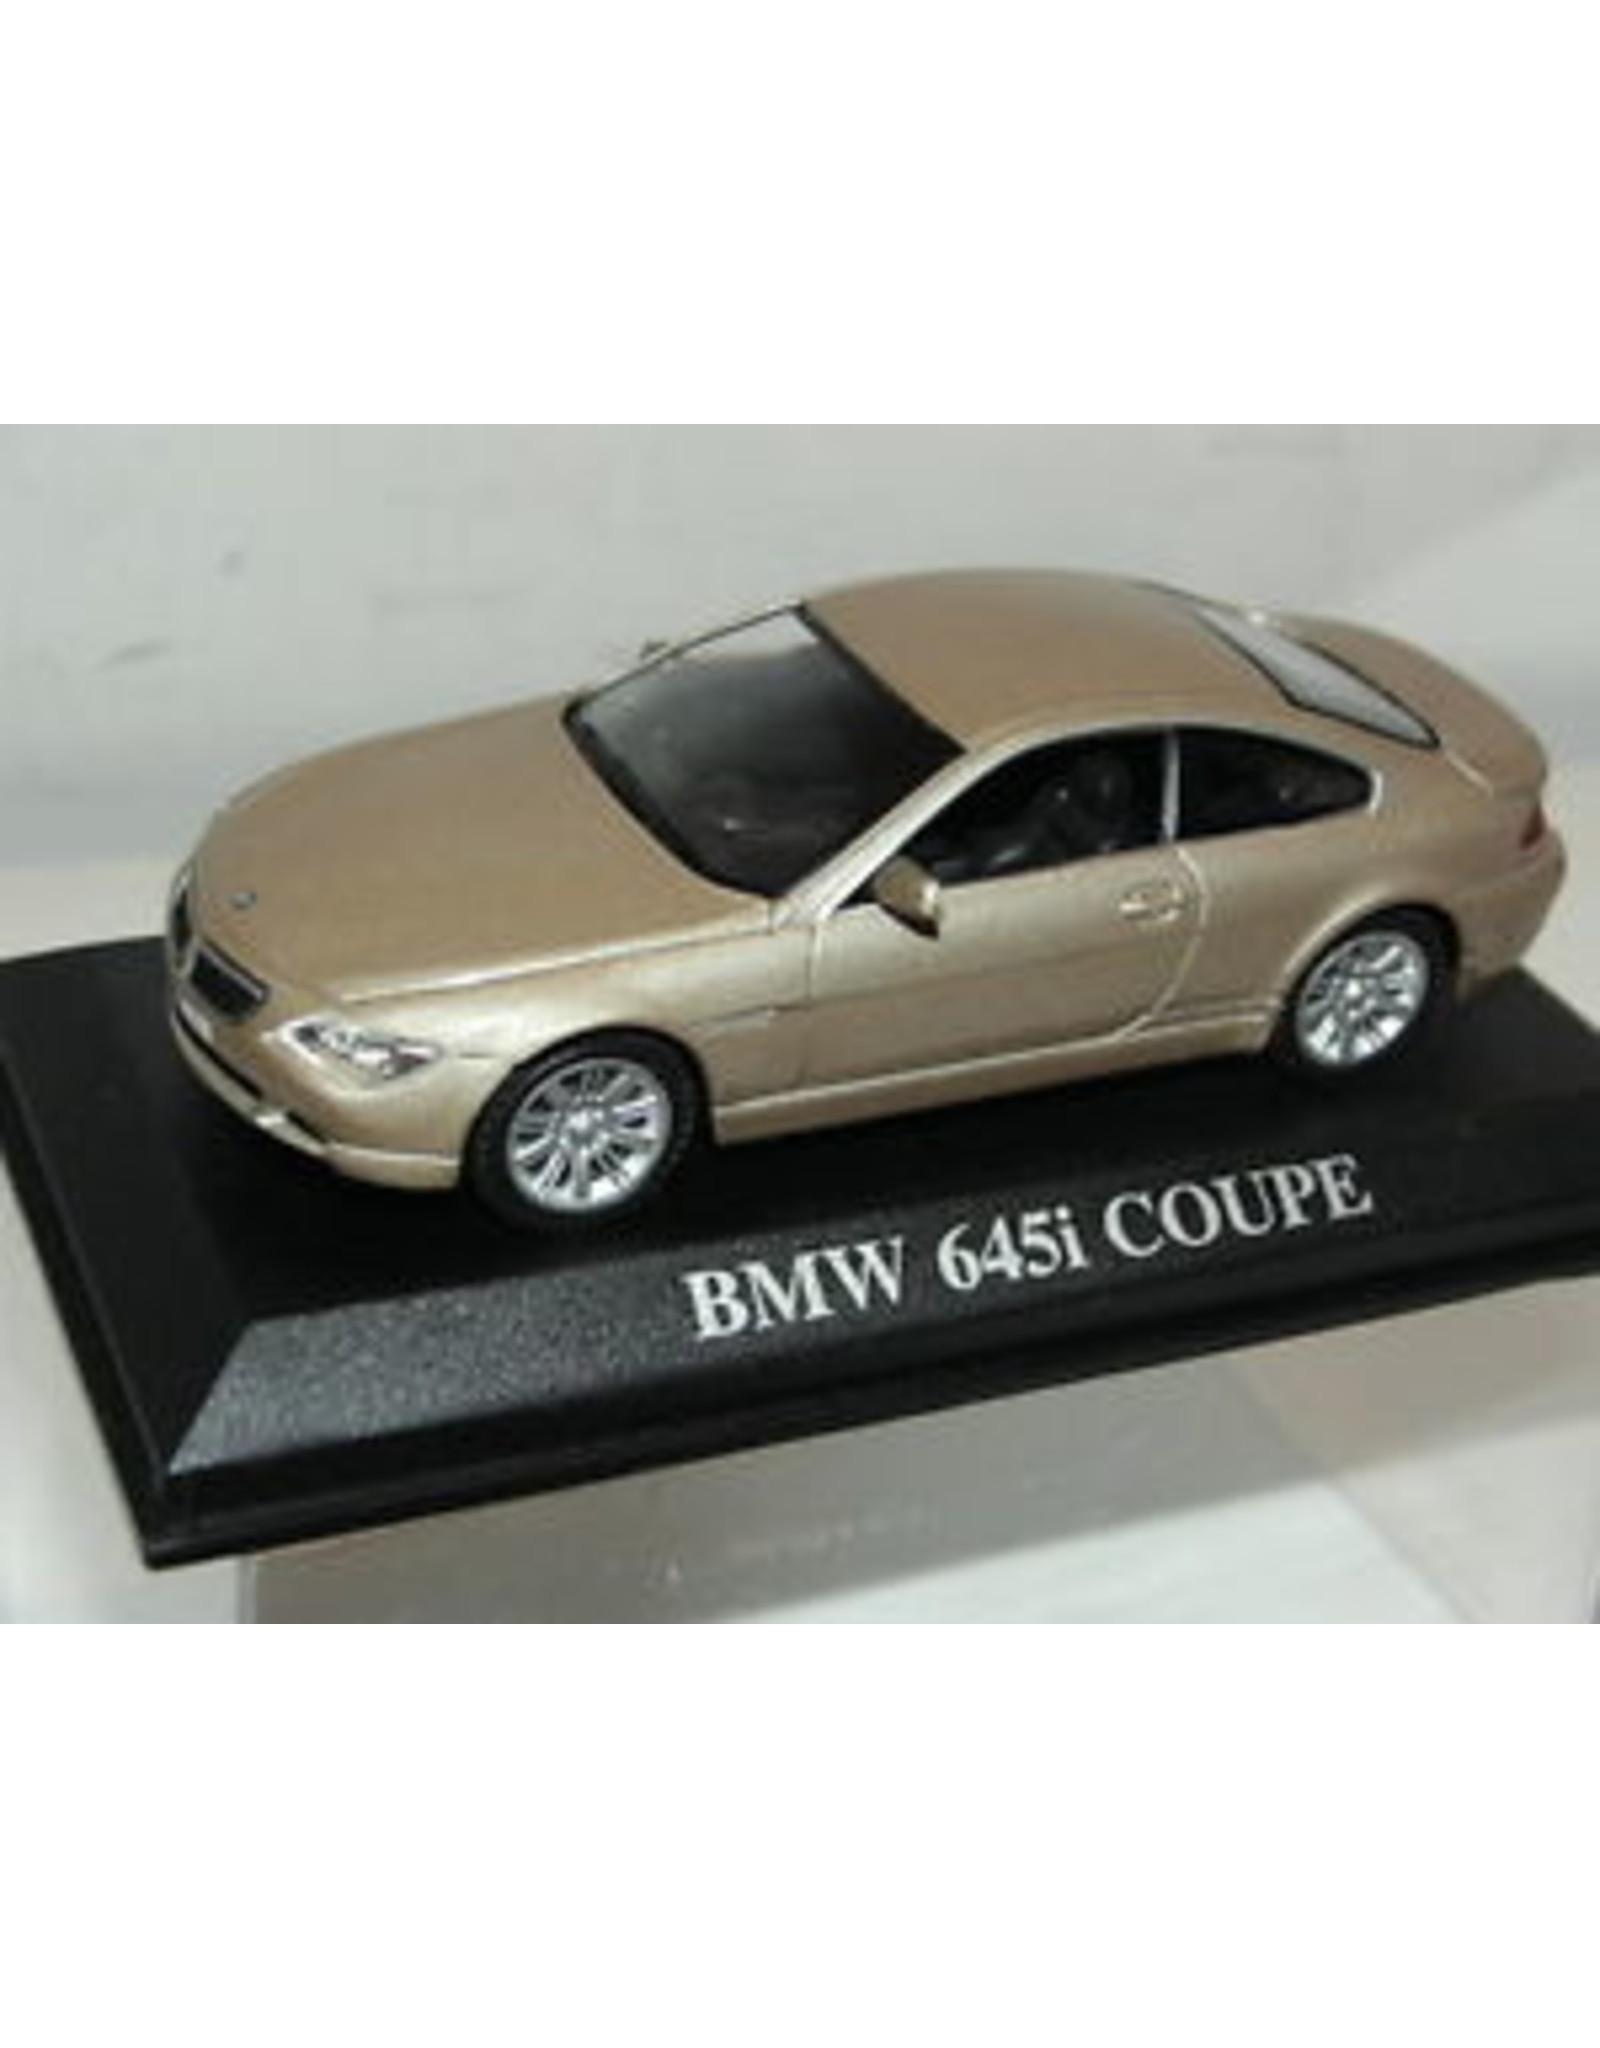 BMW BMW 645i COUPE